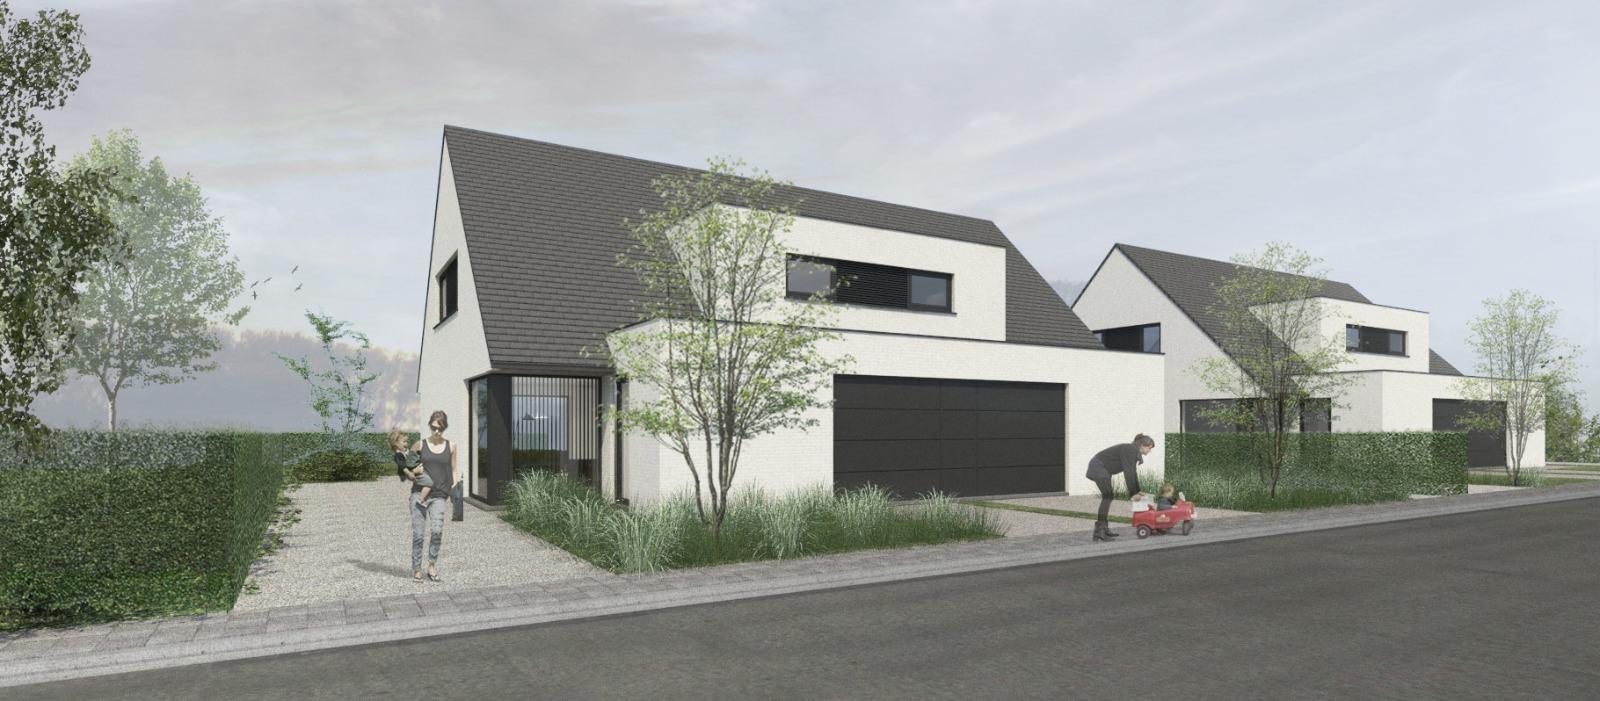 Halfopenbebouwing centraal in Heuvelland - 5